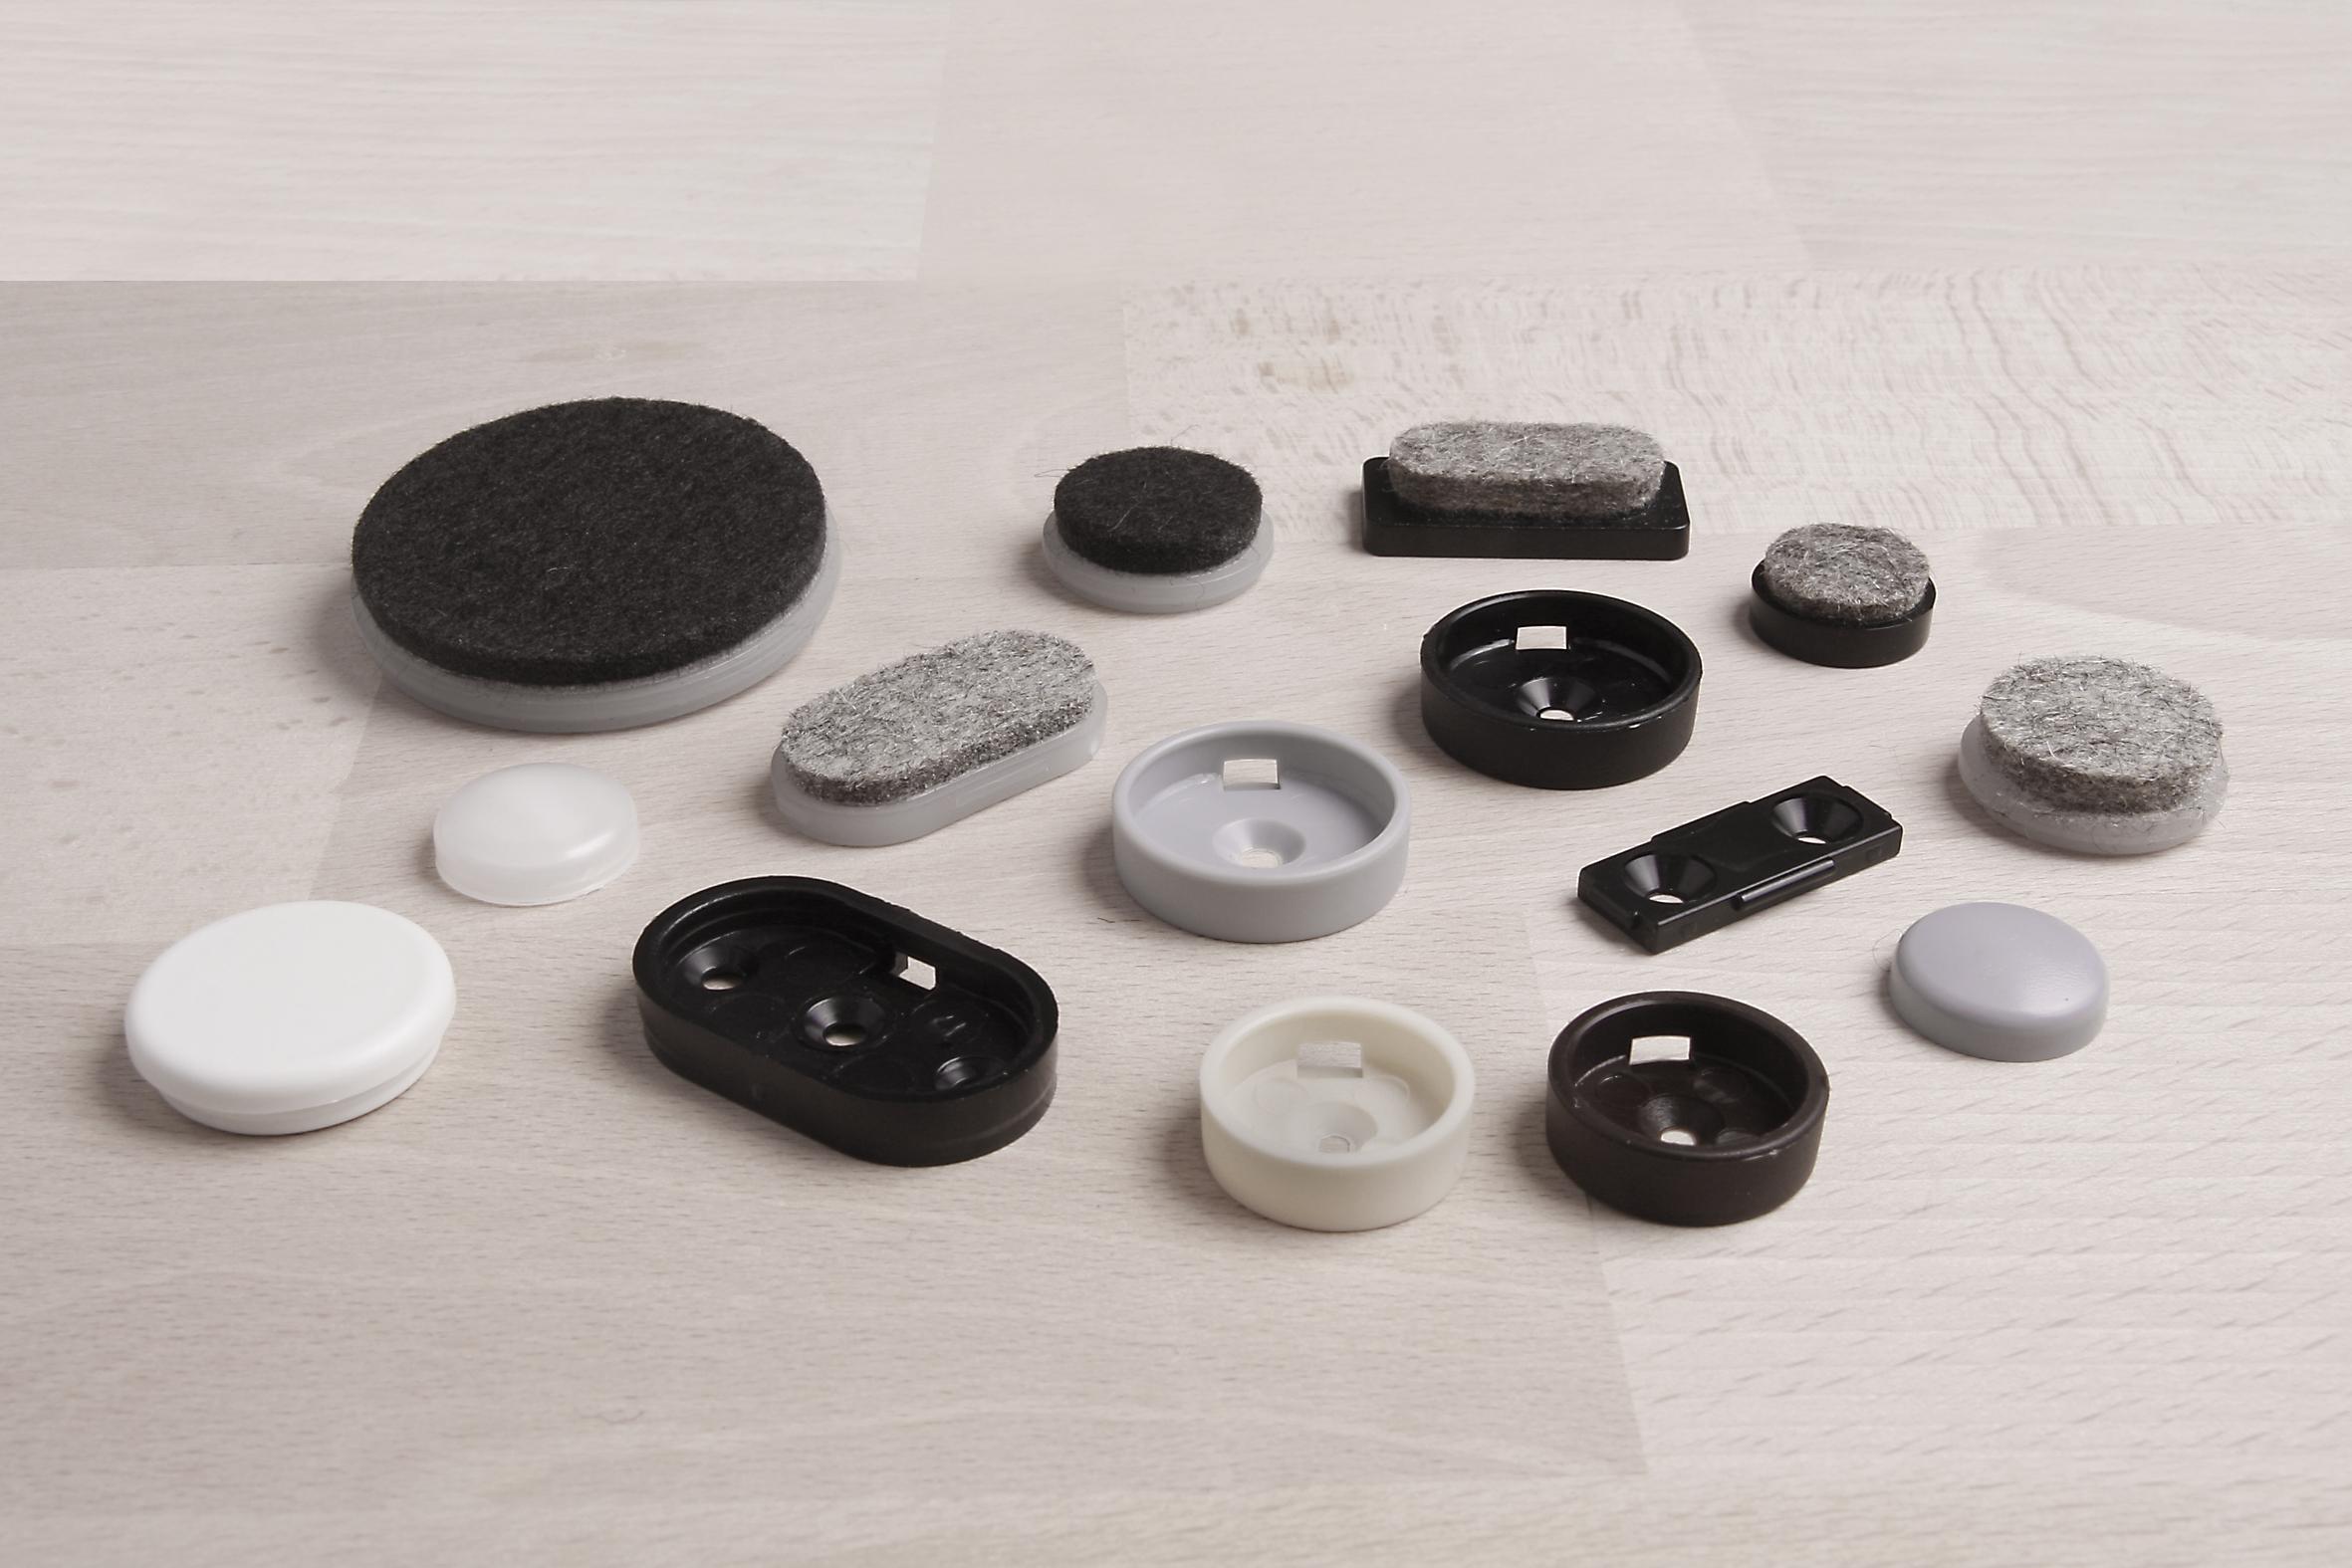 quickclick m belgleiter das flexible stuhlgleiter system. Black Bedroom Furniture Sets. Home Design Ideas